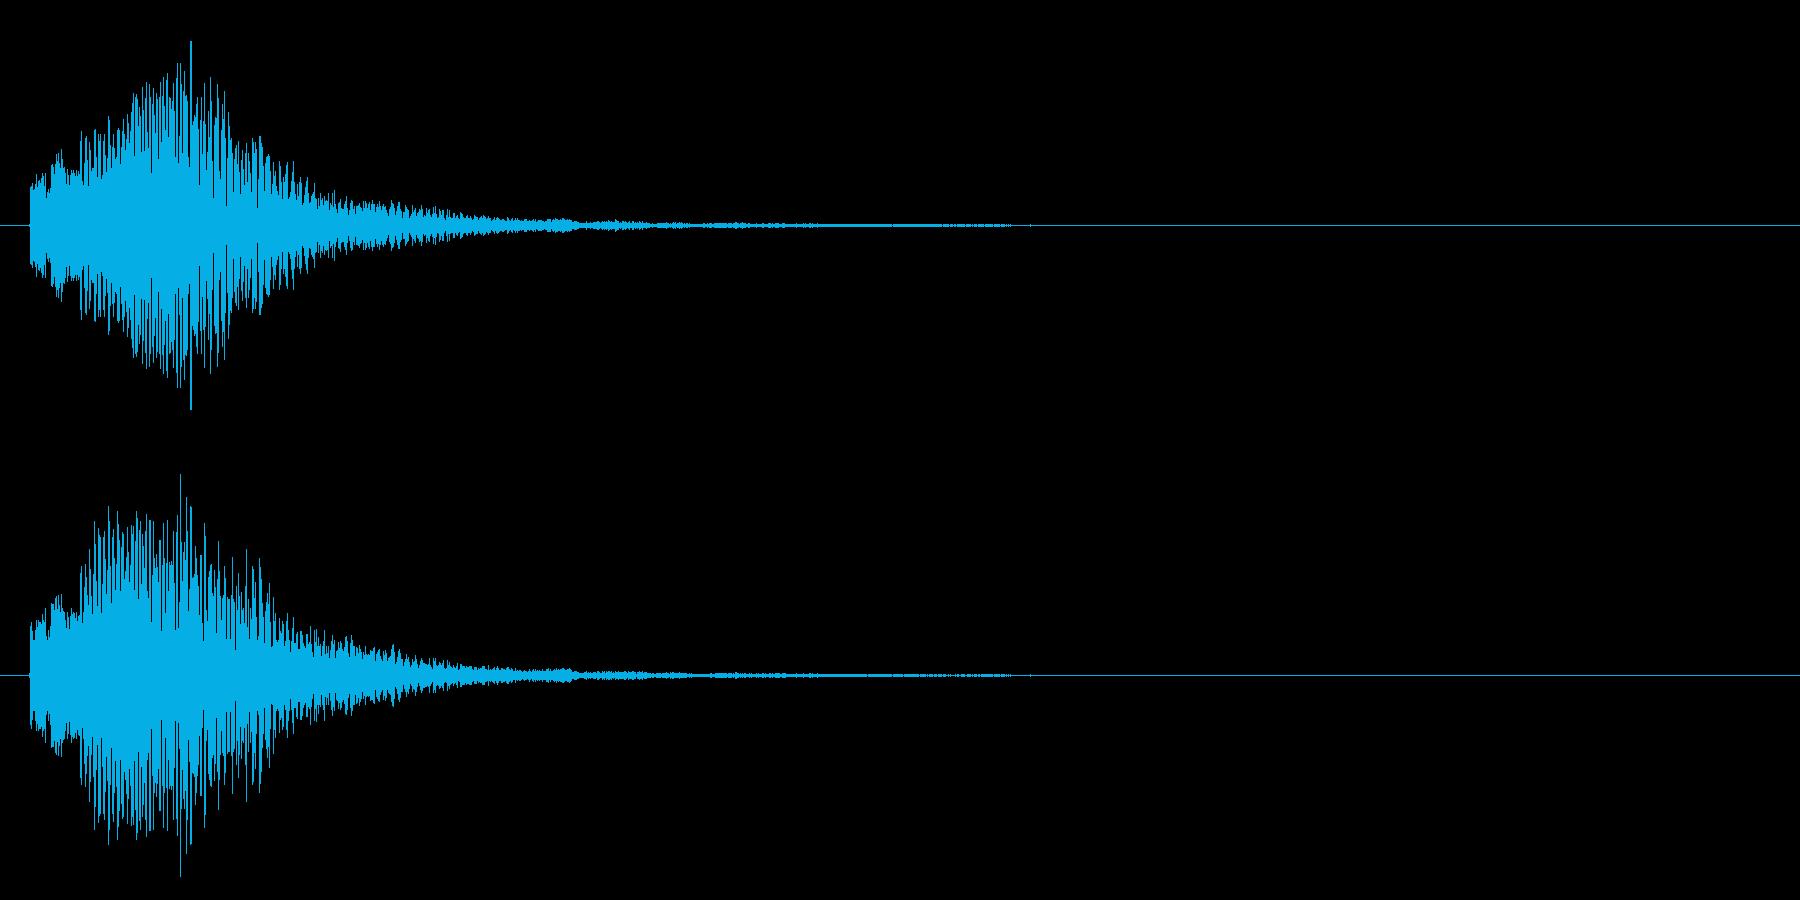 決定音/マレット/上昇系の再生済みの波形